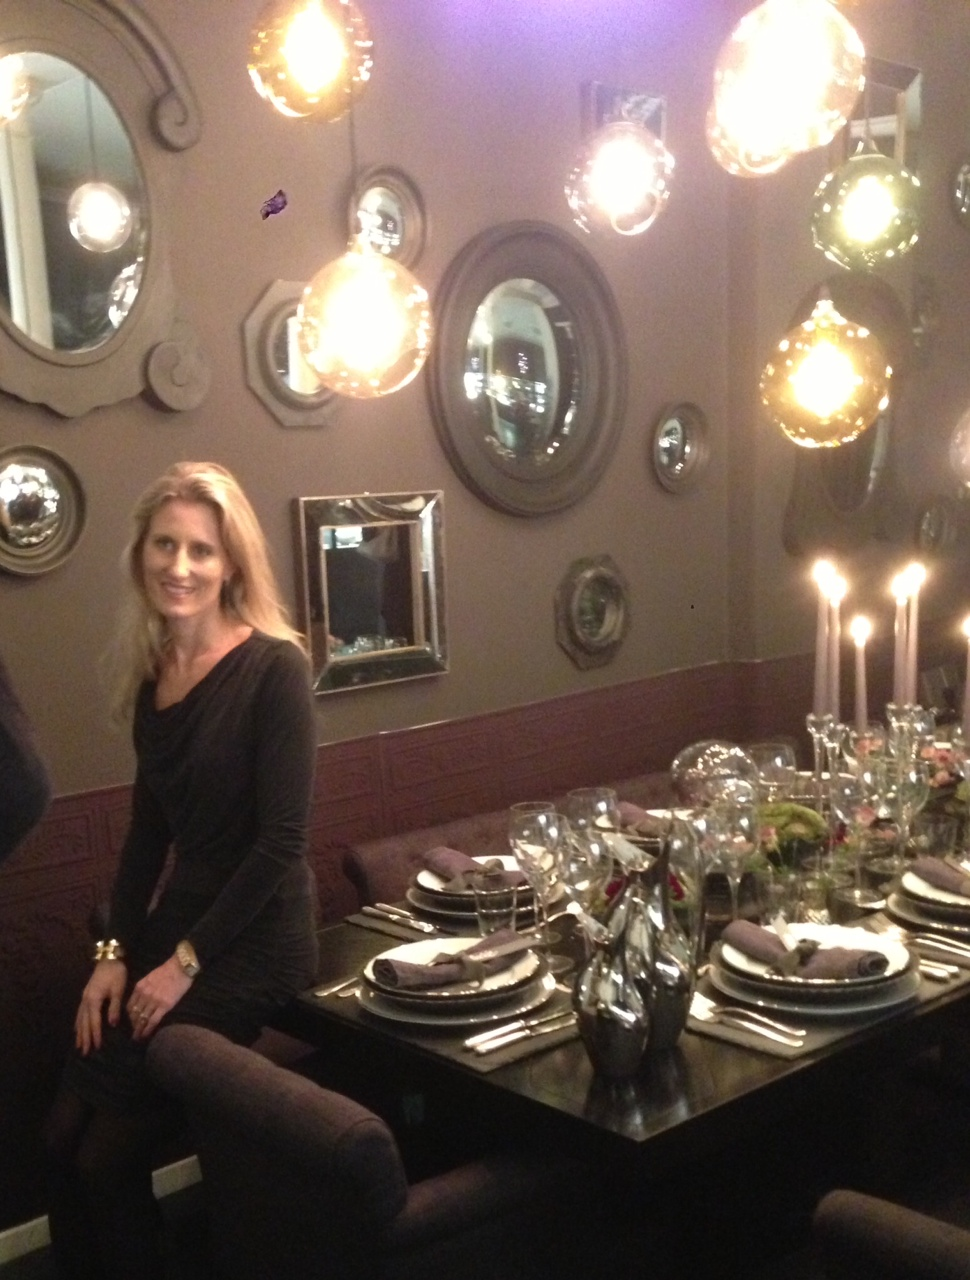 Julie Brandt Dam havde dækket det ene af bordene i år hos Royal Copenhagen.